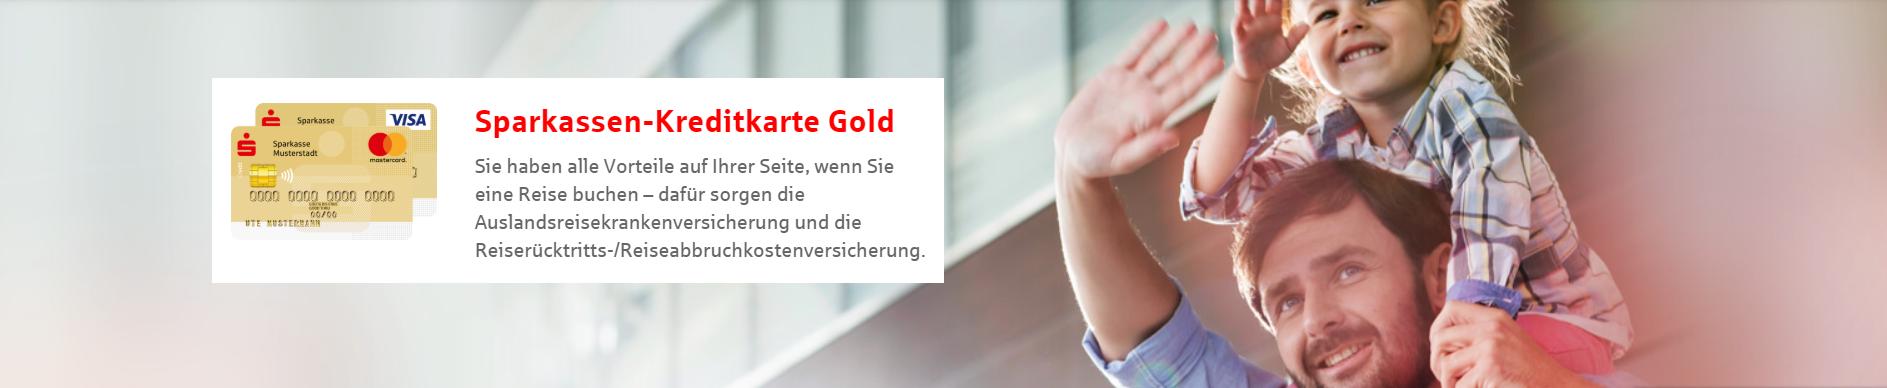 Die Gold Sparkassen-Kreditkarte